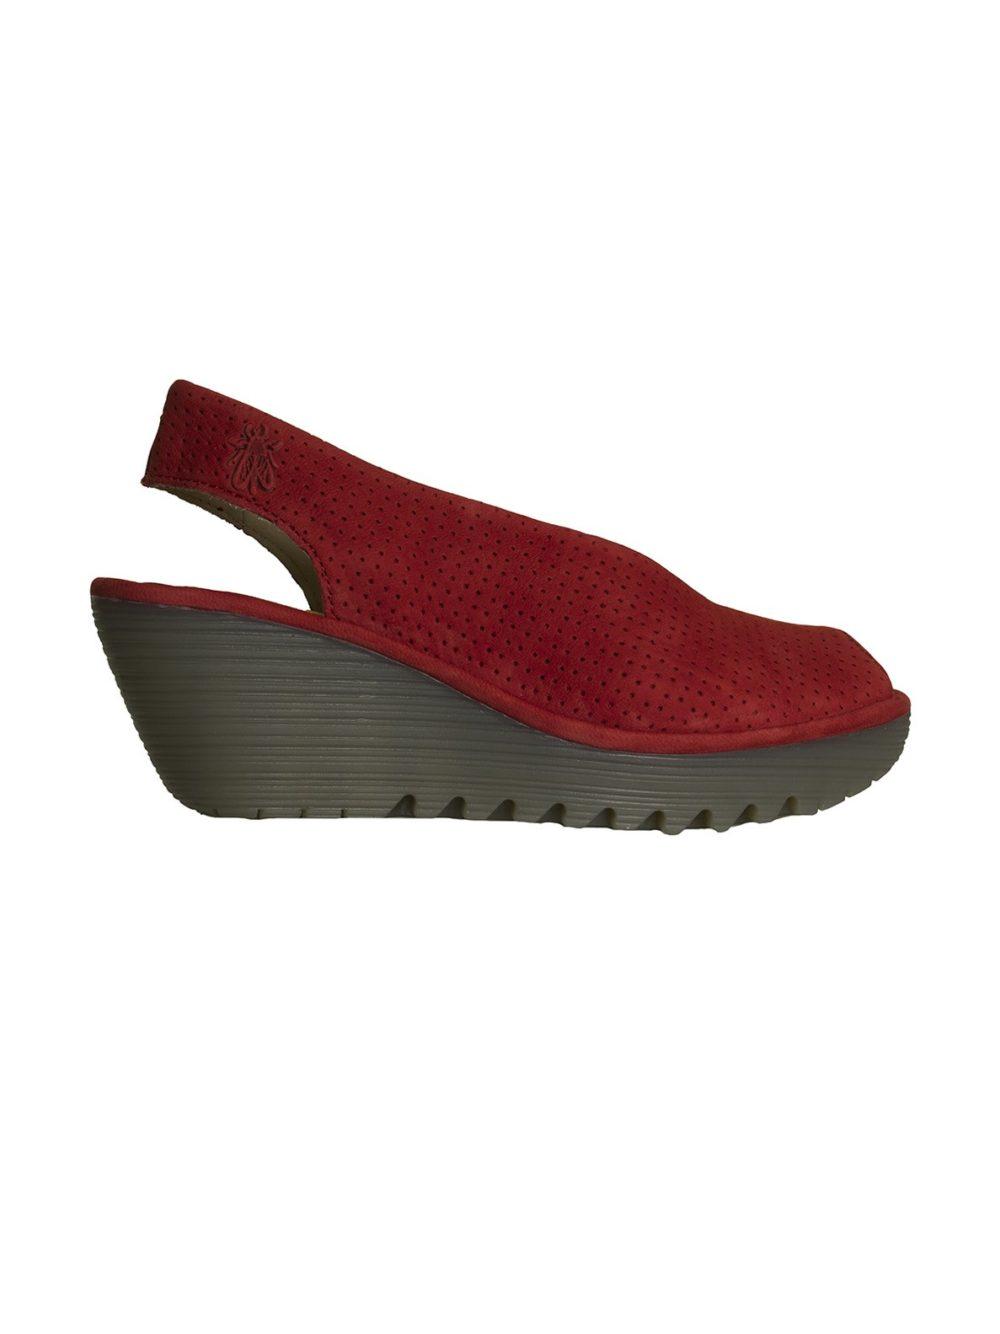 Yaz Shoe Fly London Katie Kerr Women's Clothing